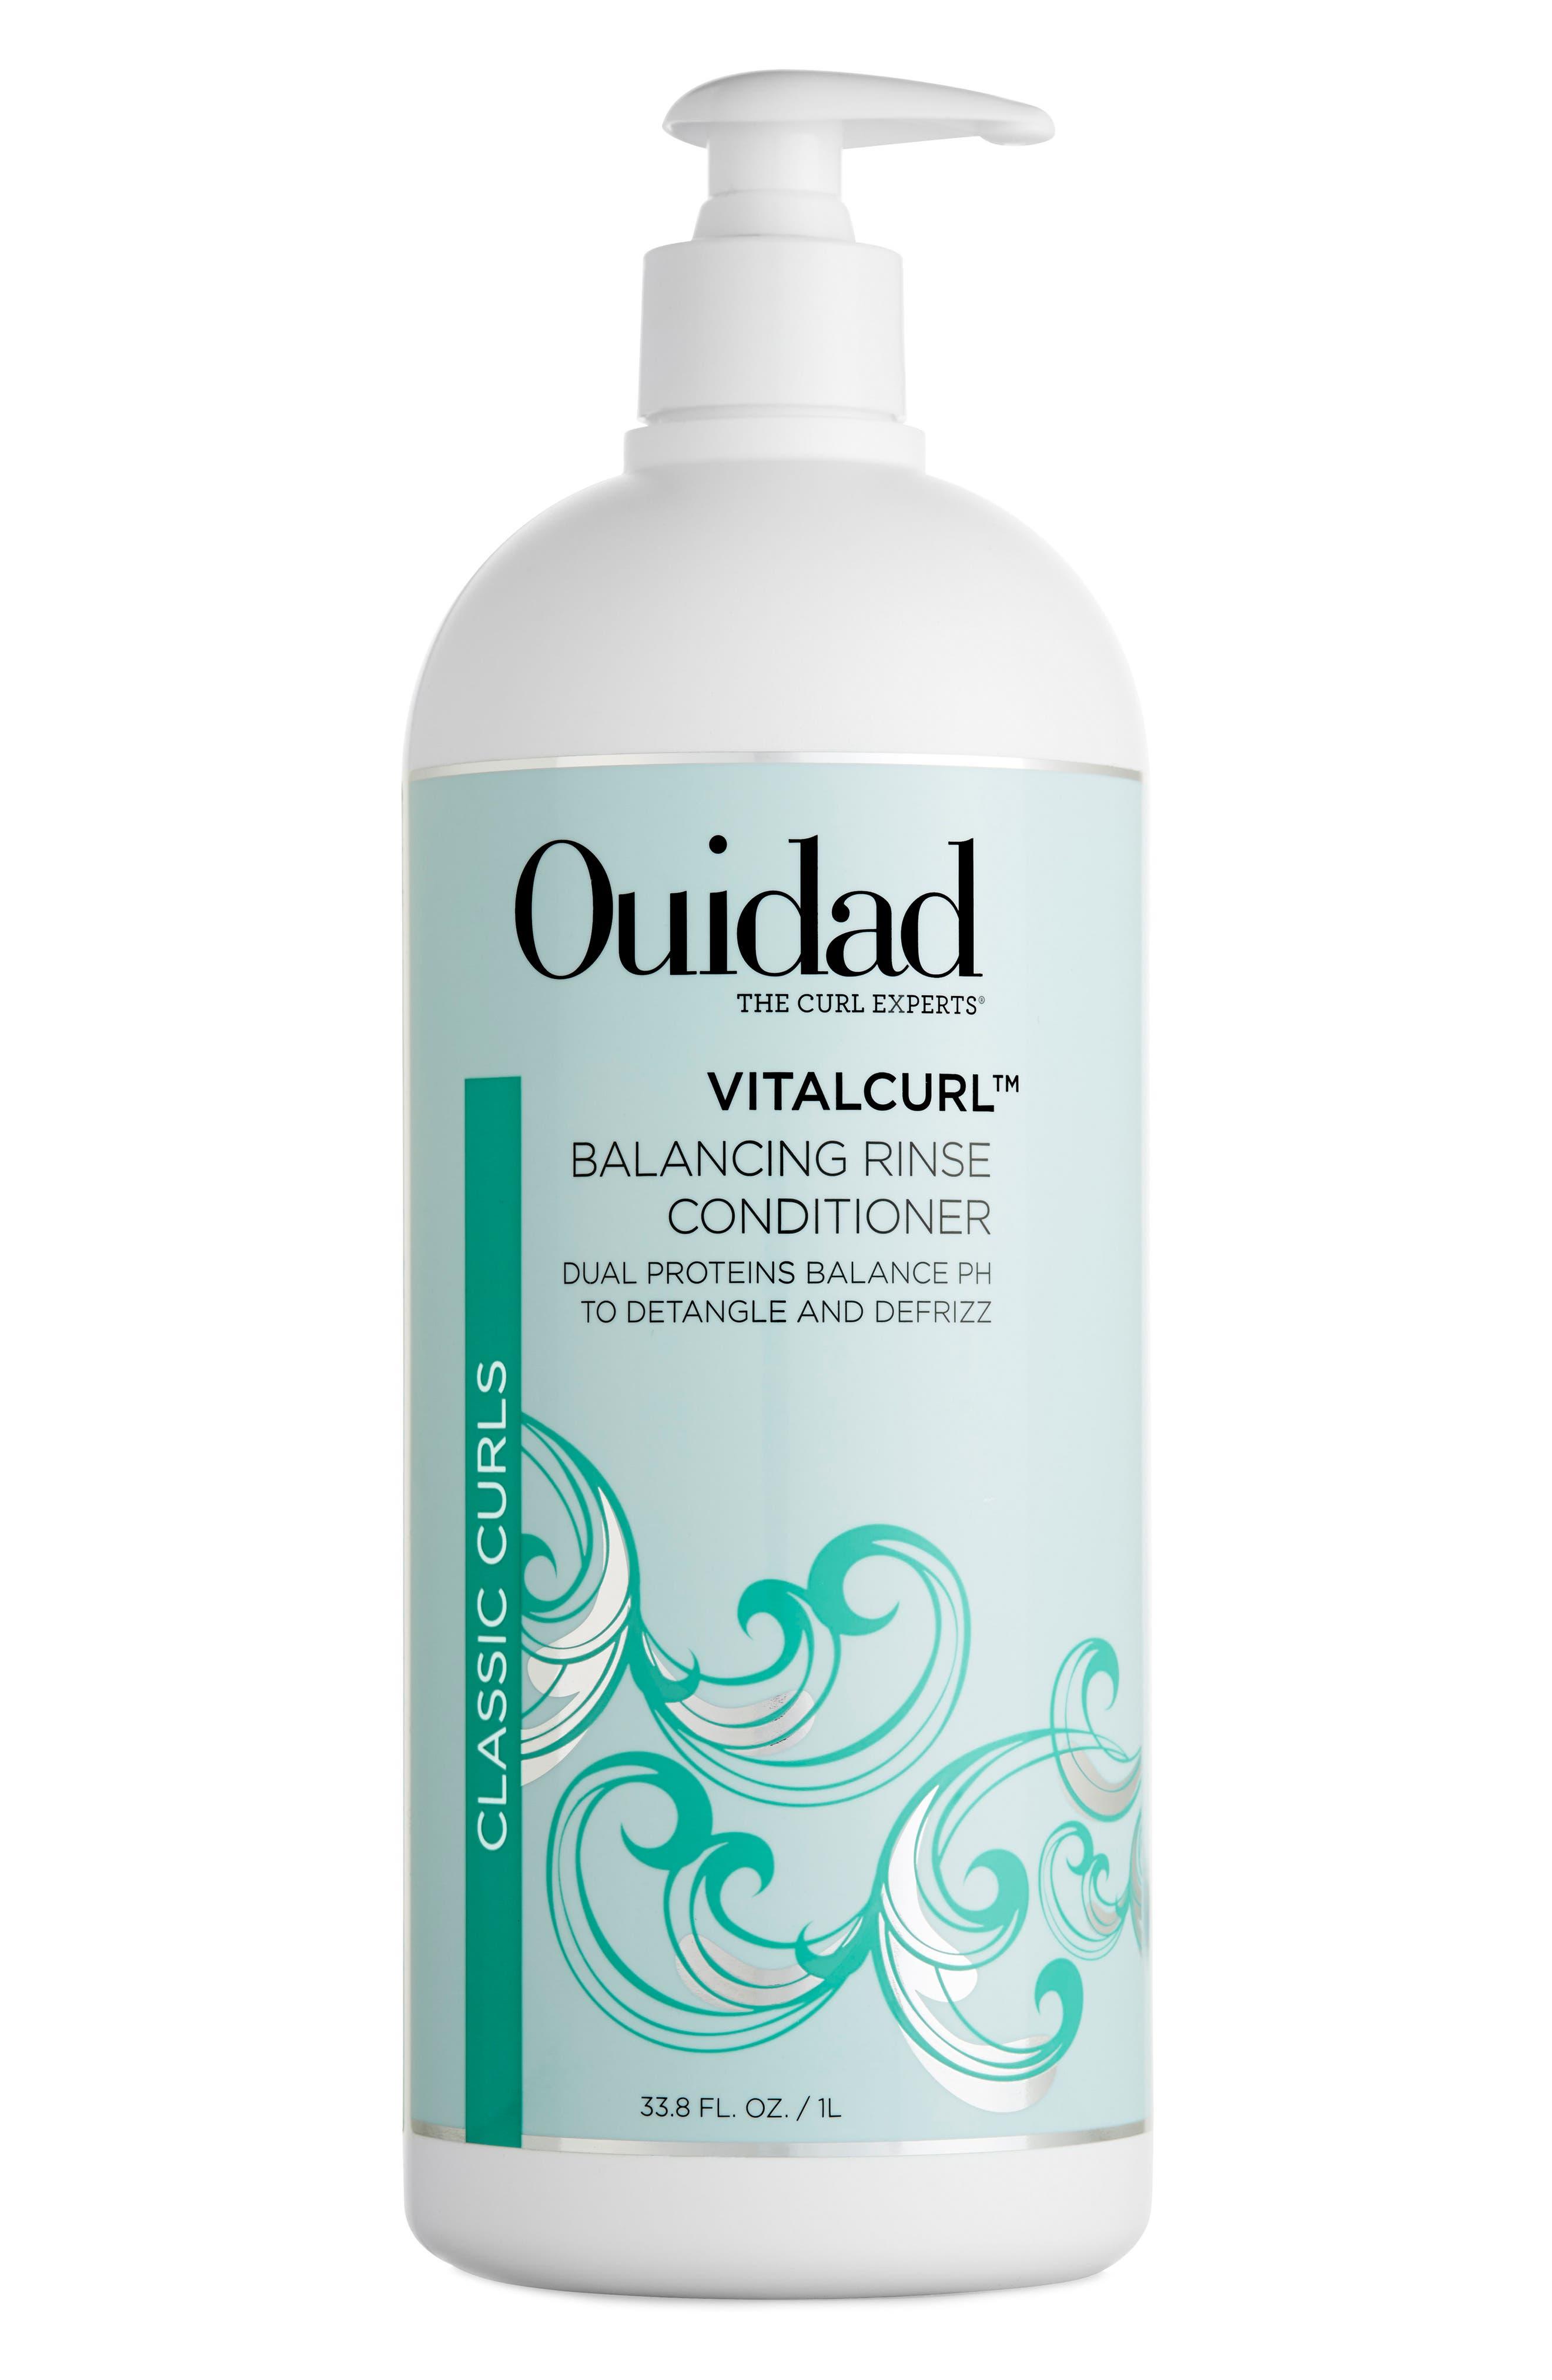 Ouidad Vitalcurl™ Balancing Rinse Conditioner